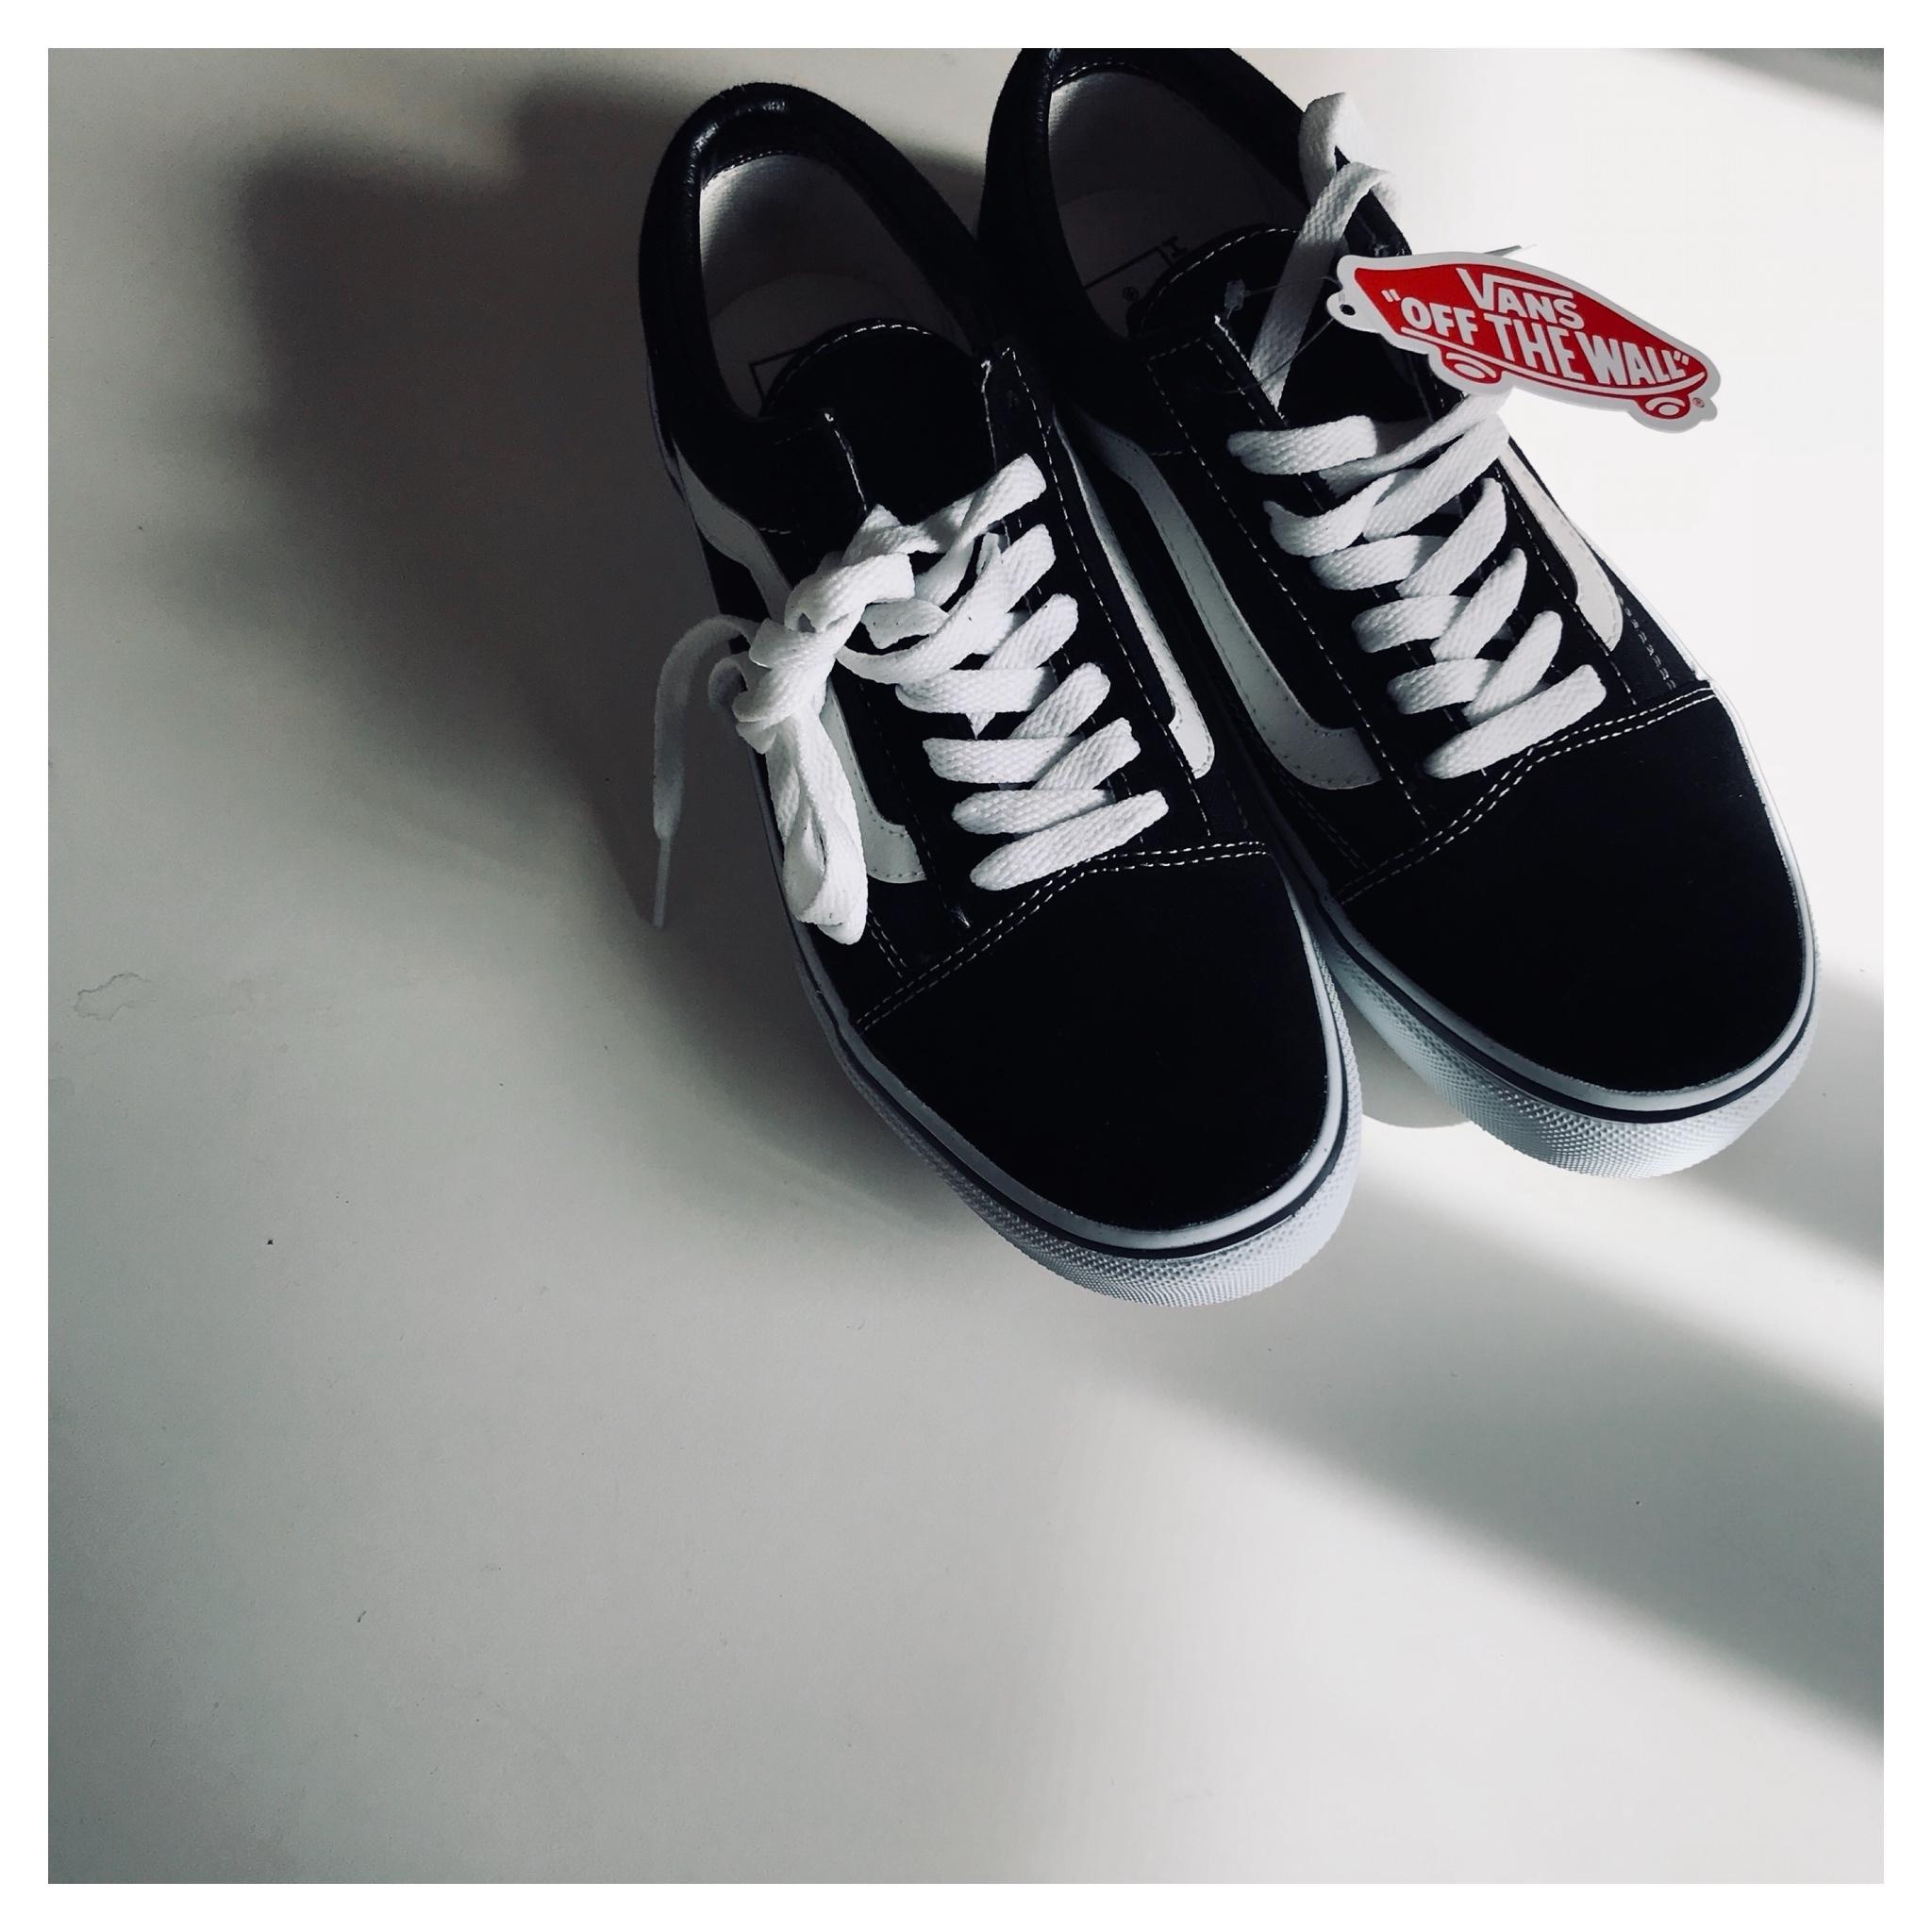 美女組さんの「春の靴」を拝見!【マリソル美女組ブログPICK UP】_1_1-5